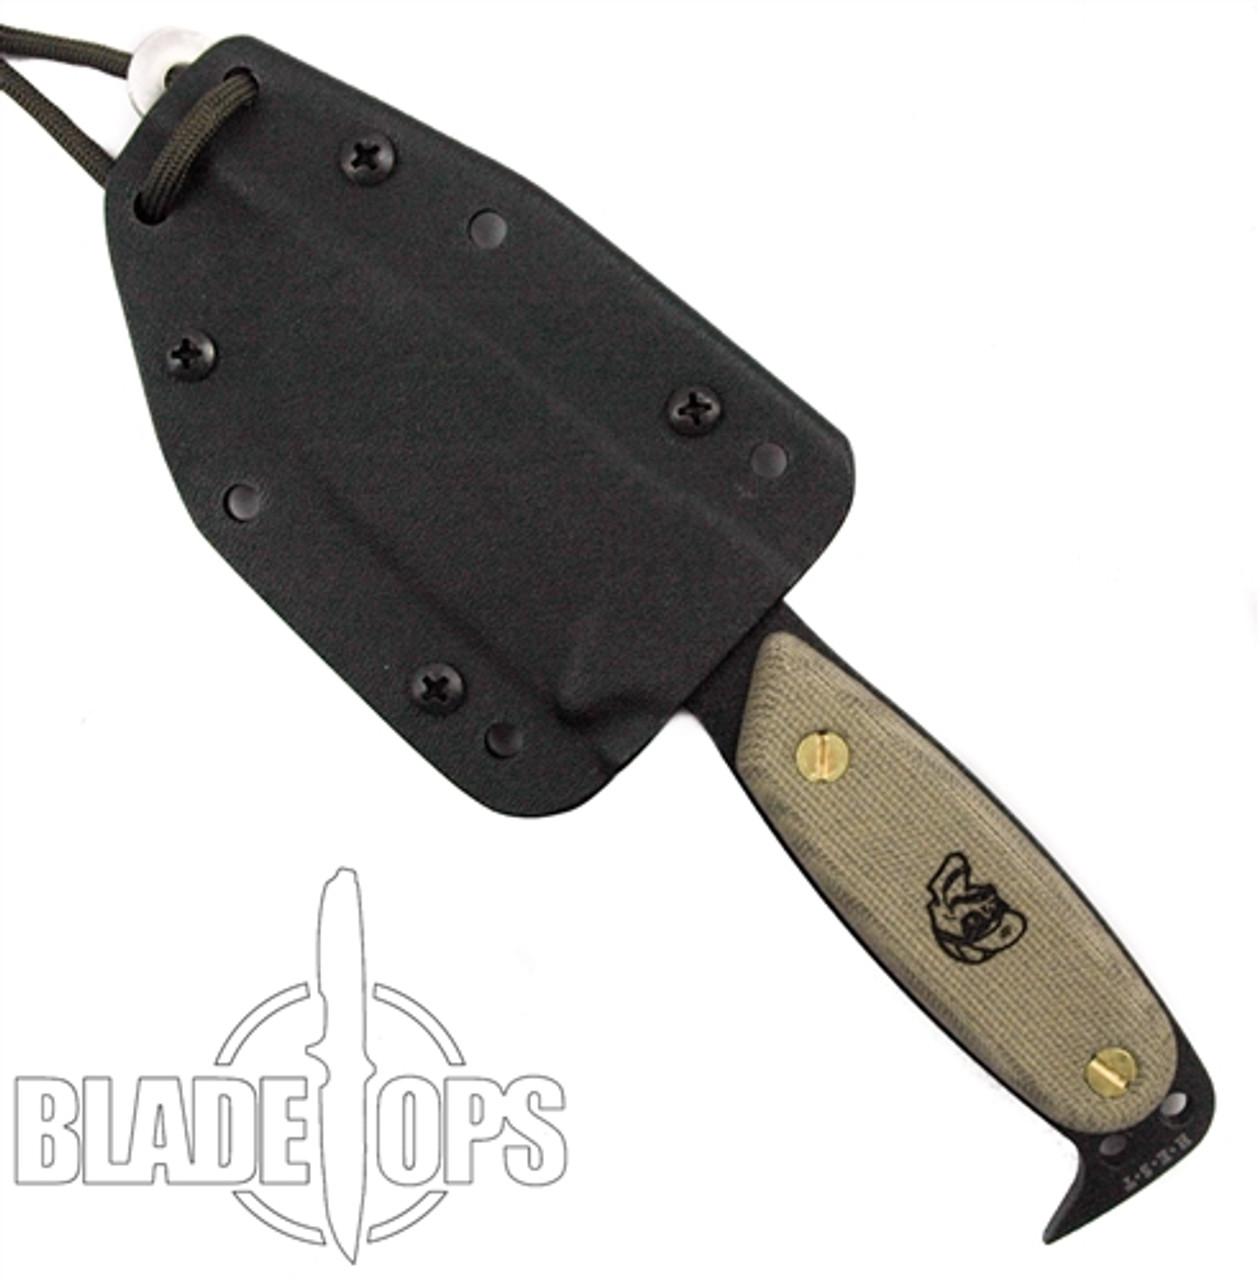 DPx HEST Original Fixed Blade, Black Plain Blade